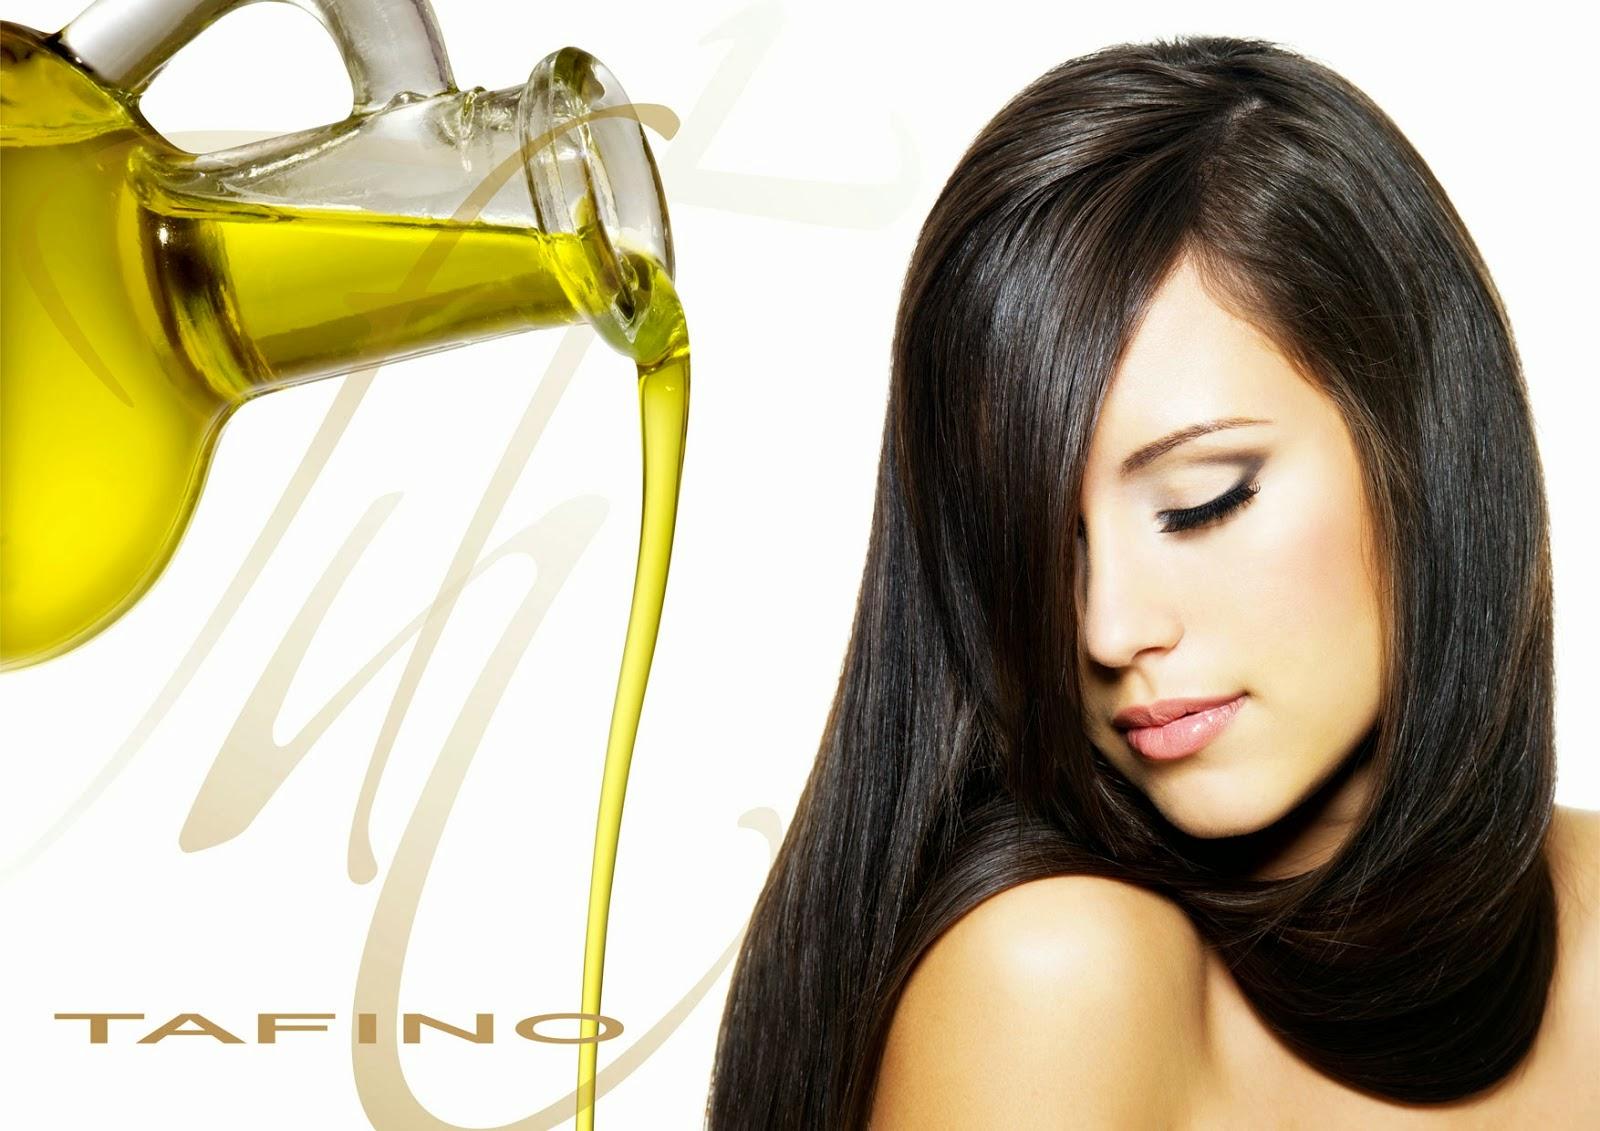 ilustrasi rambut minyak zaitun